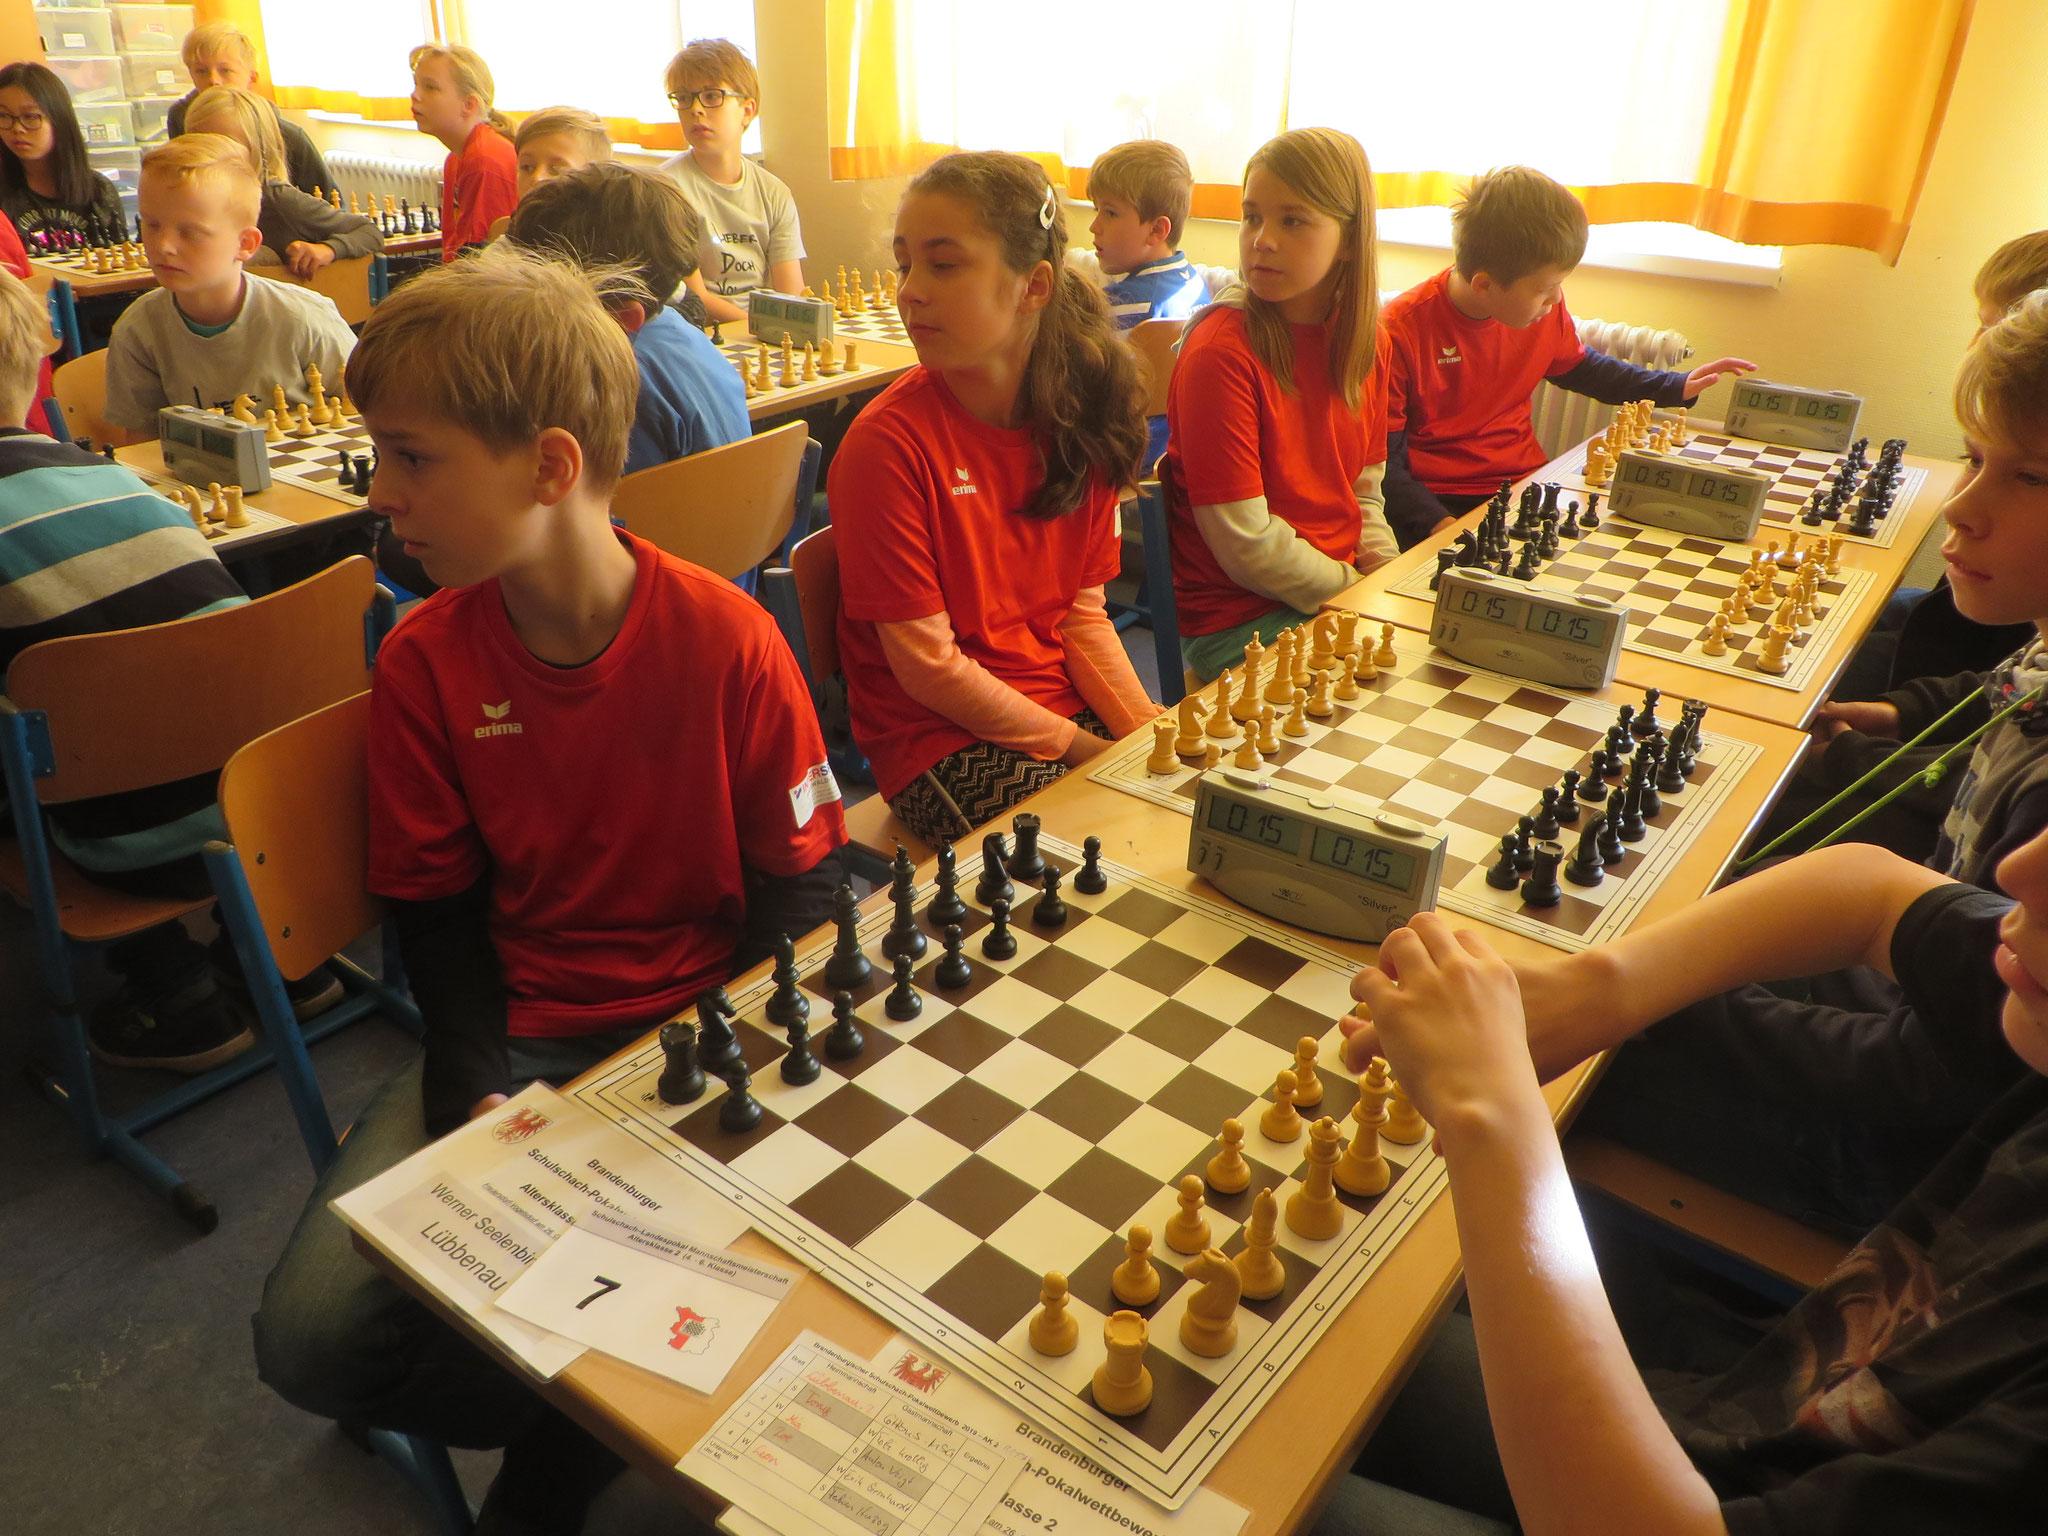 AK 2 : Das Team der Werner-Seelenbinder-GS II in Runde 1 mit Tony (Brett 1) , Mia (Brett 2) , Zoe (Brett 3) und Leon (Brett 4)